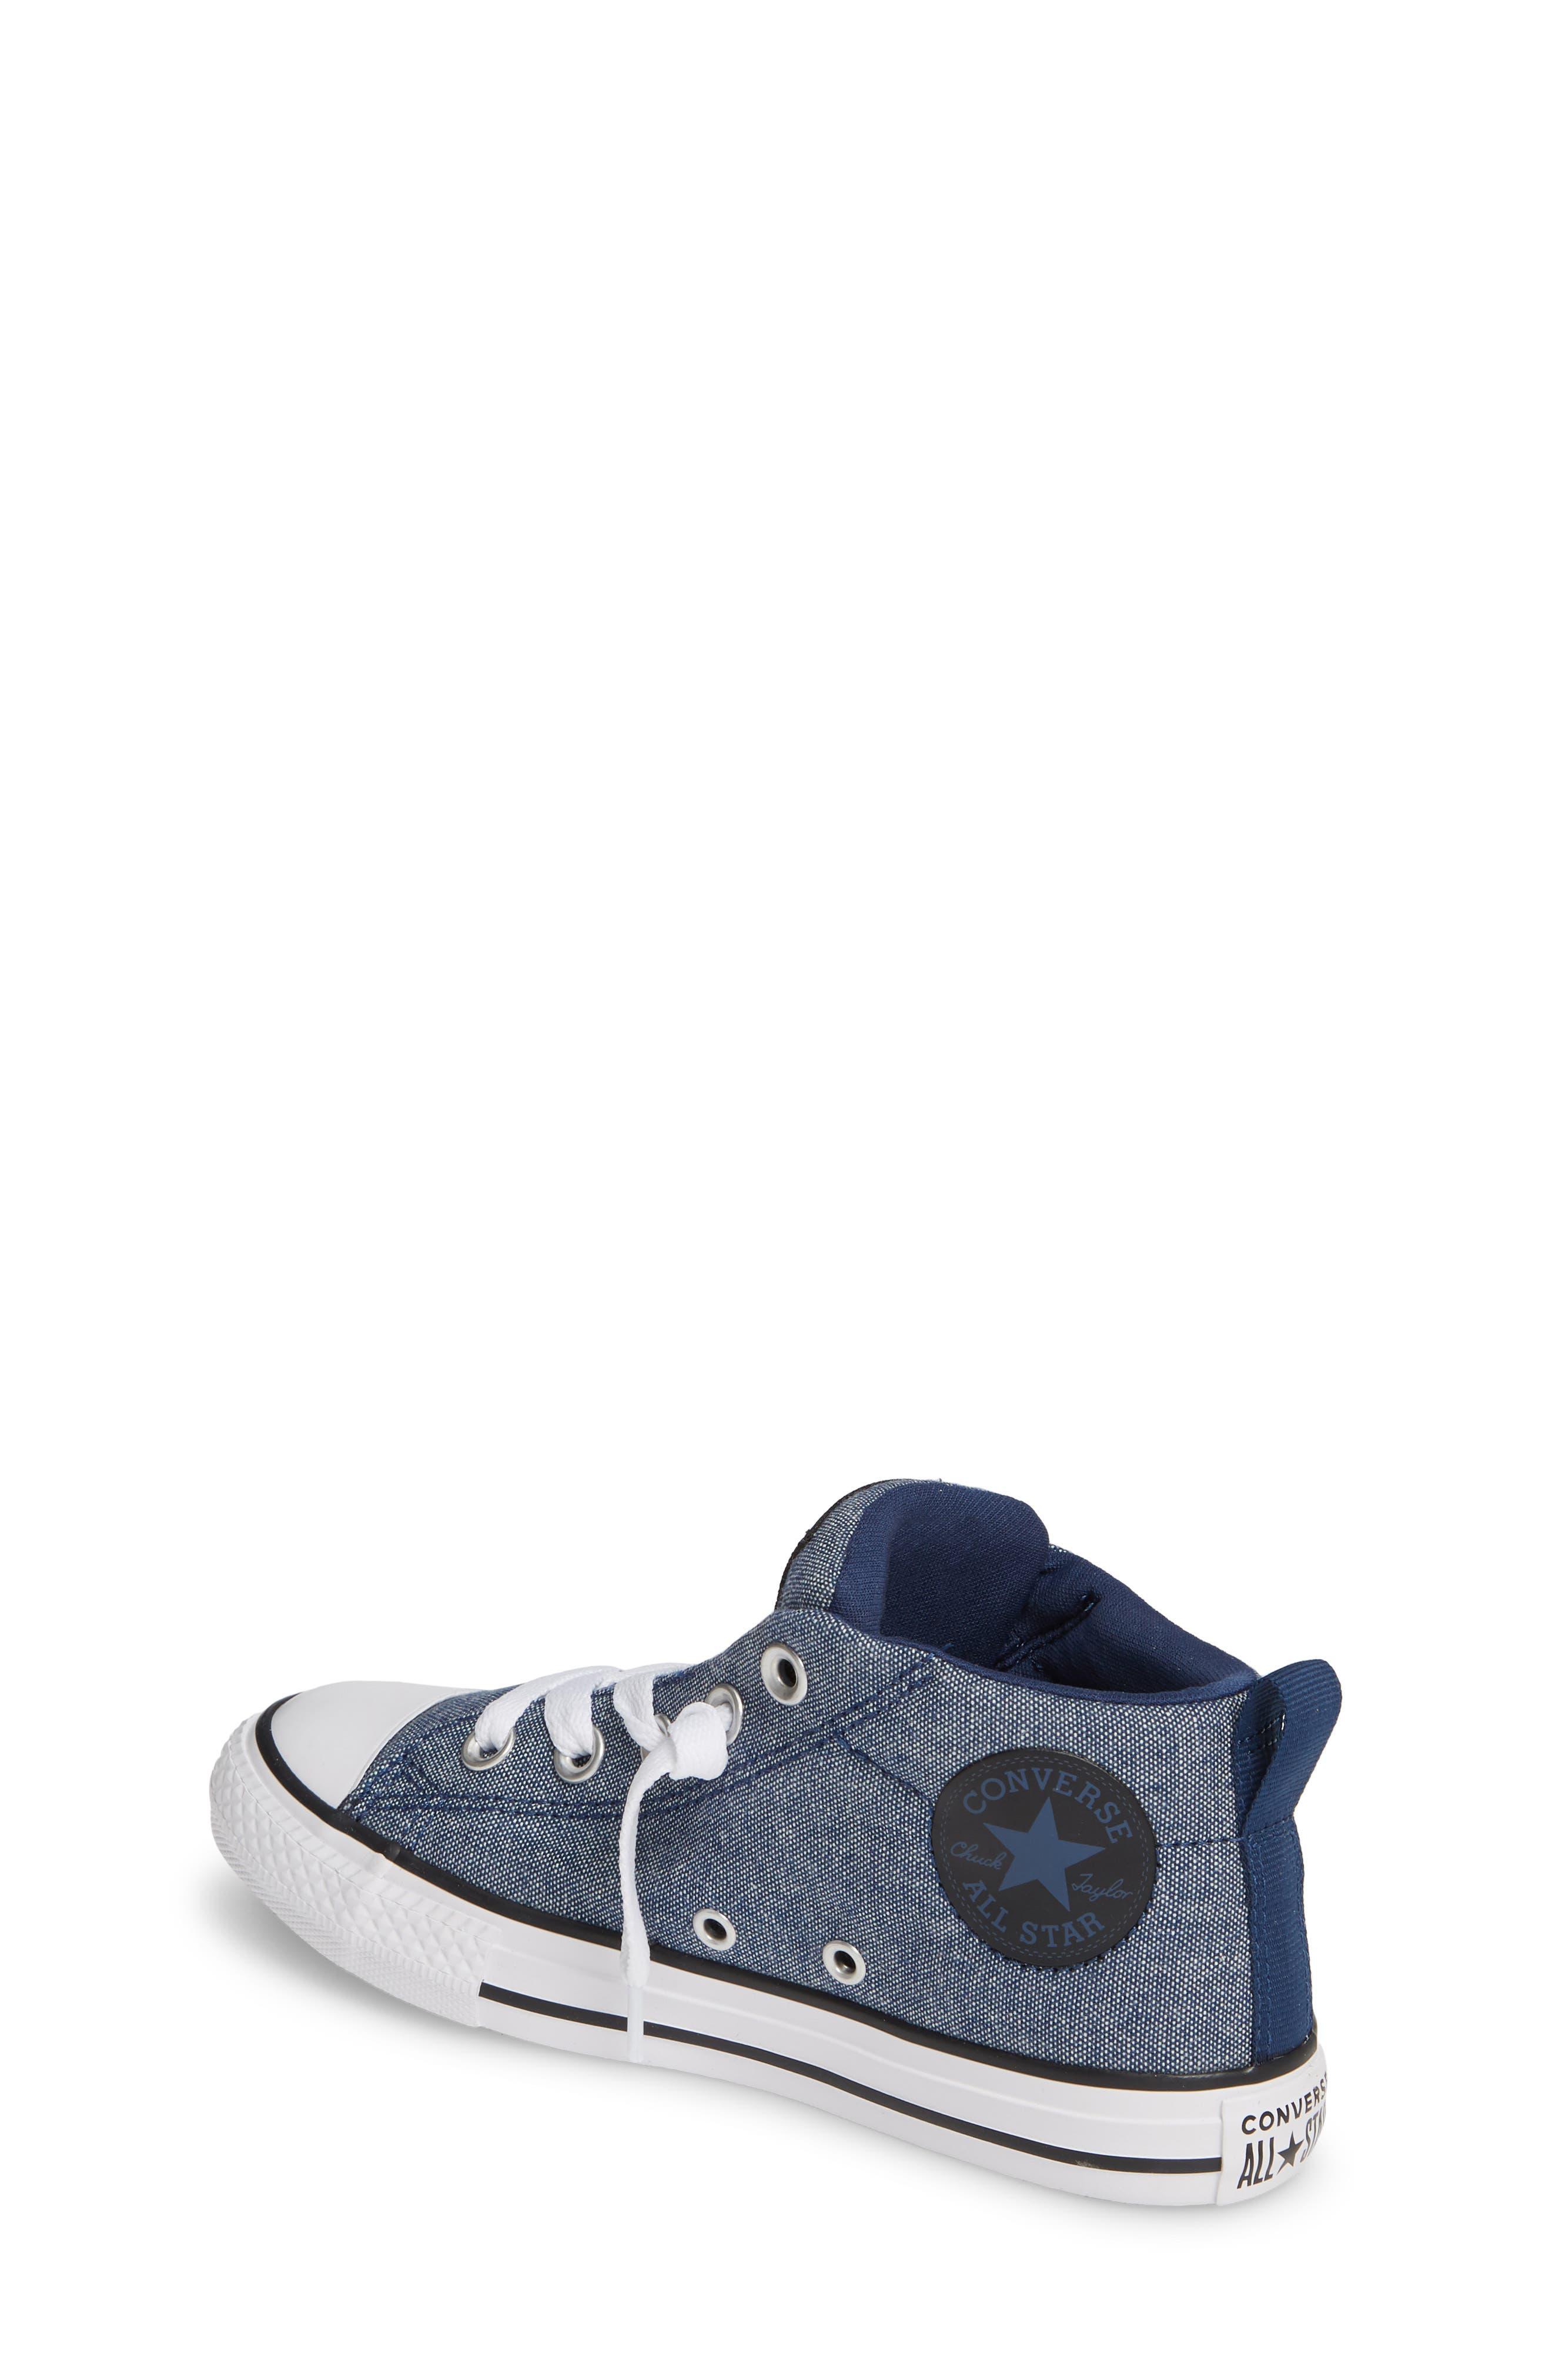 Converse Street Slip-On Hi Top Sneaker